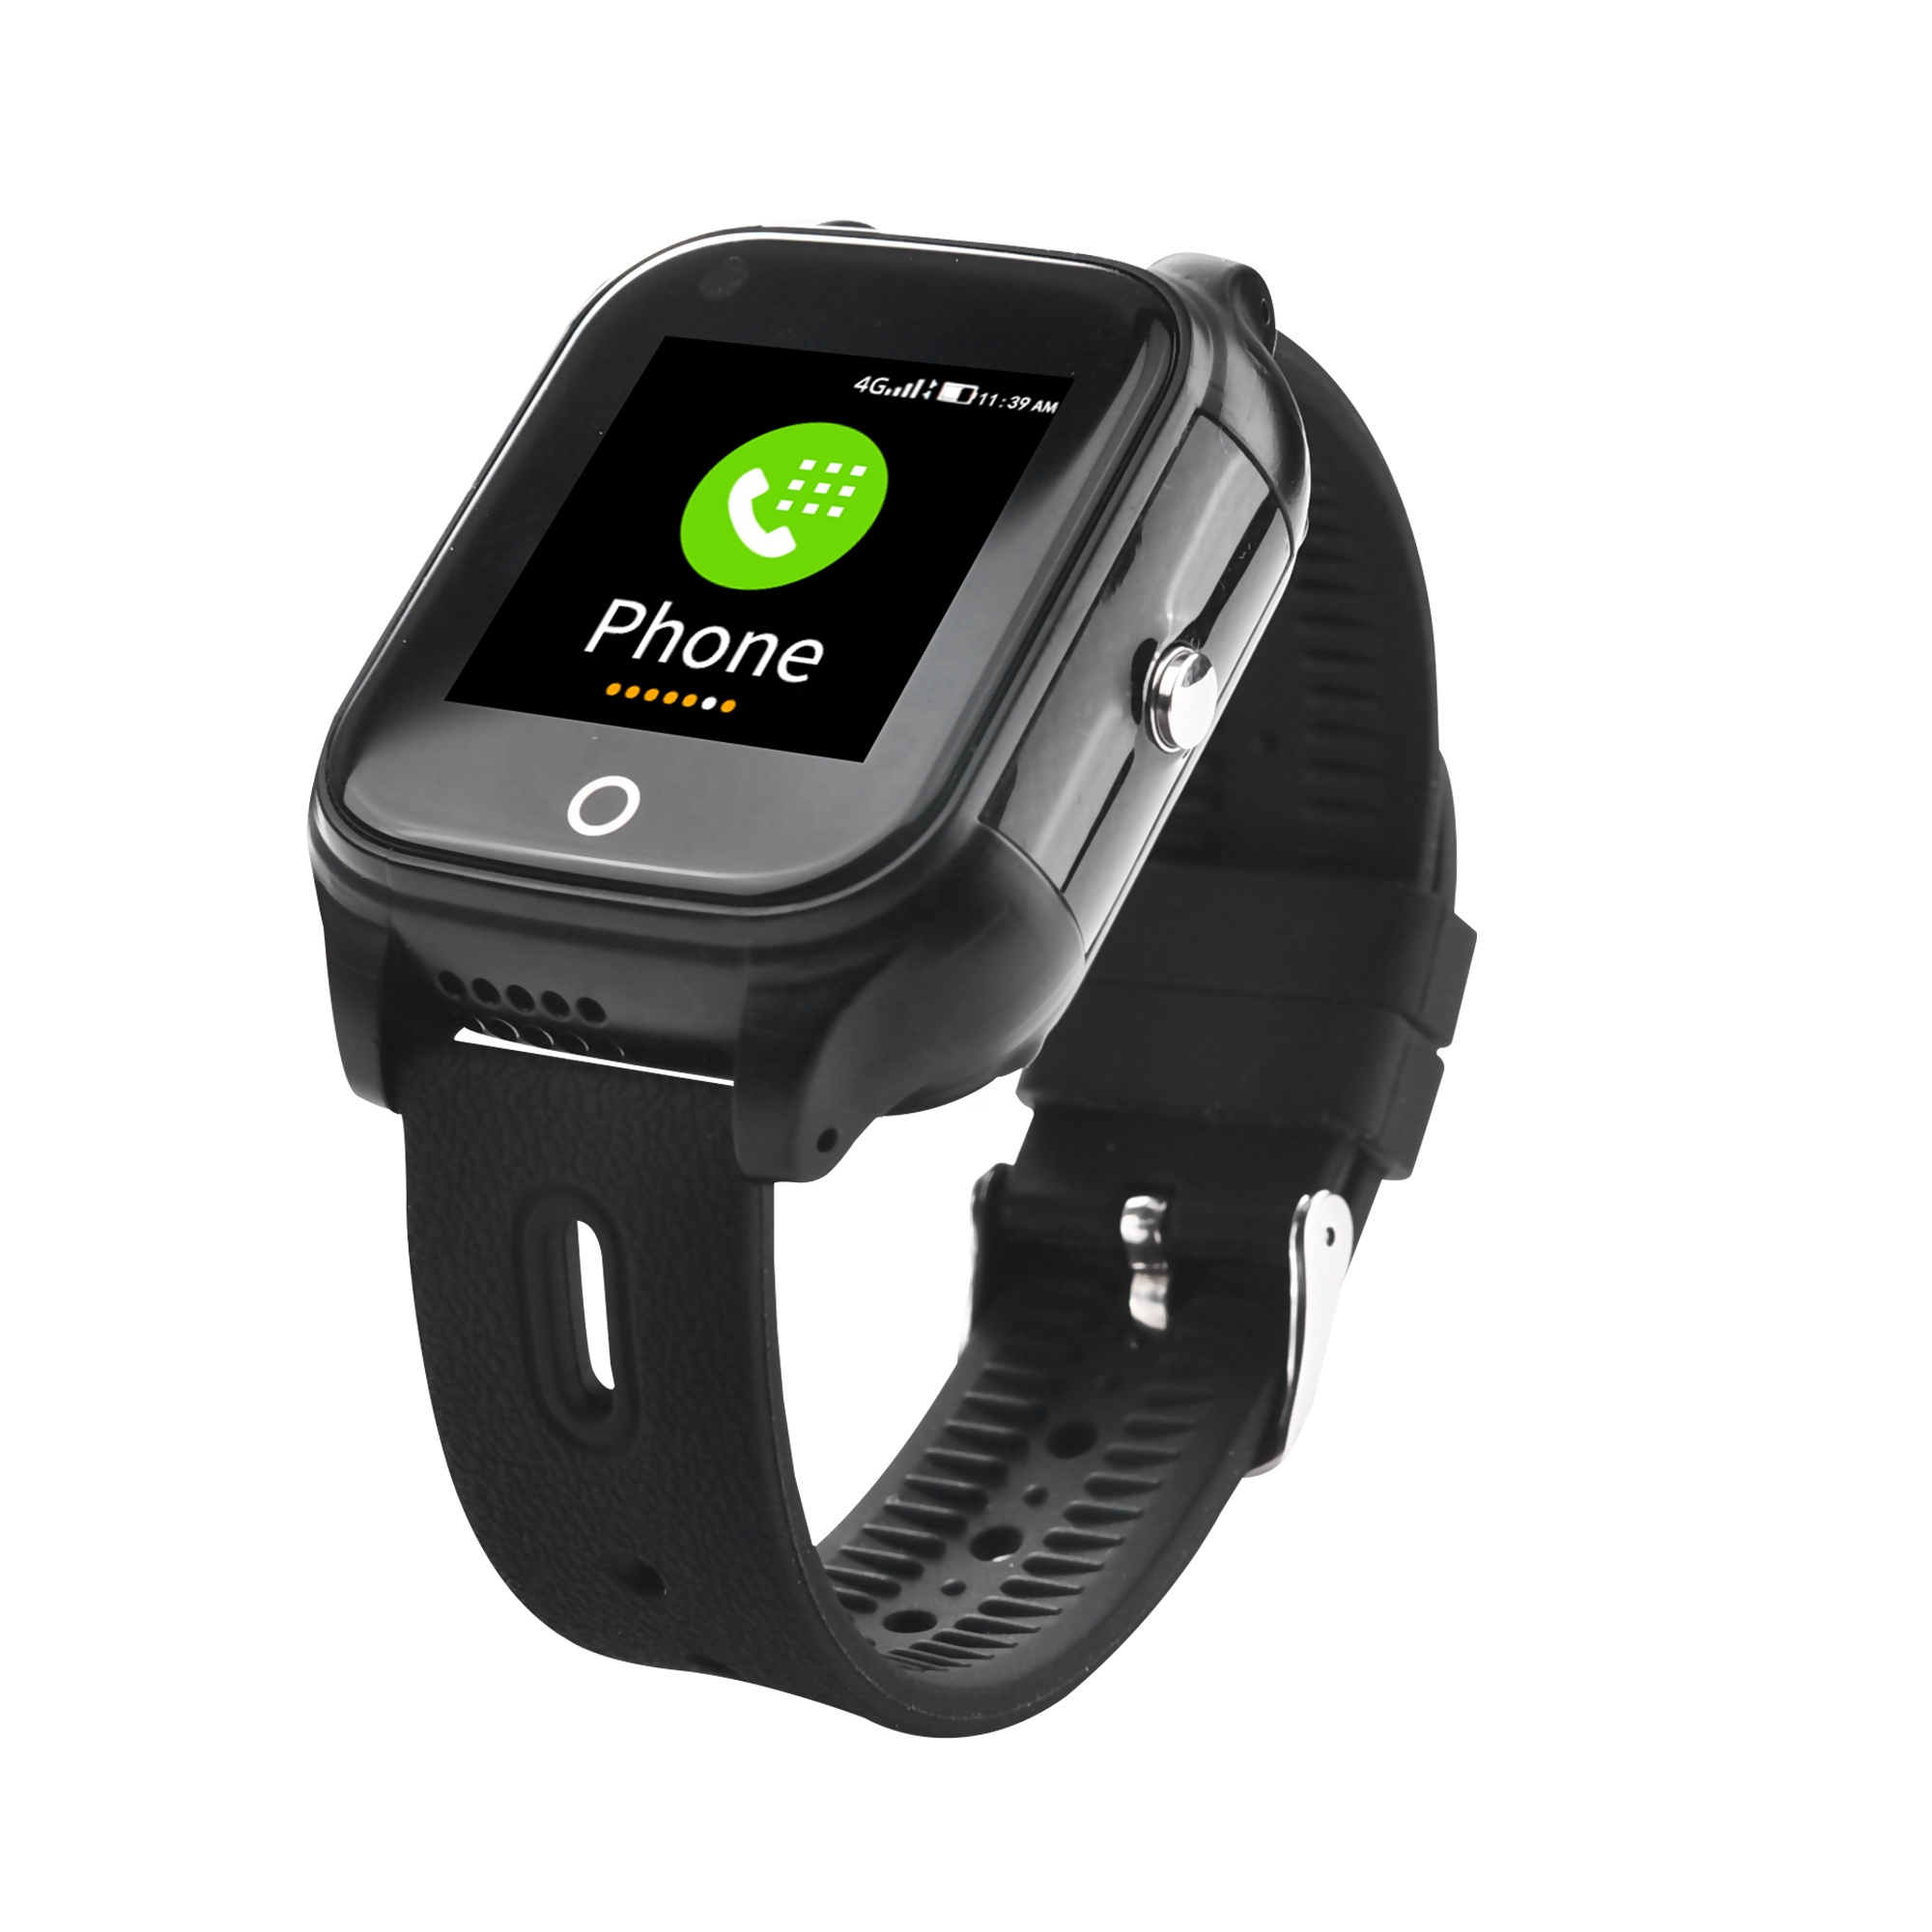 FA28S Niedrigsten Preis ältere sos panic taste uhr smartwatch gps tracker mit hoher leistung